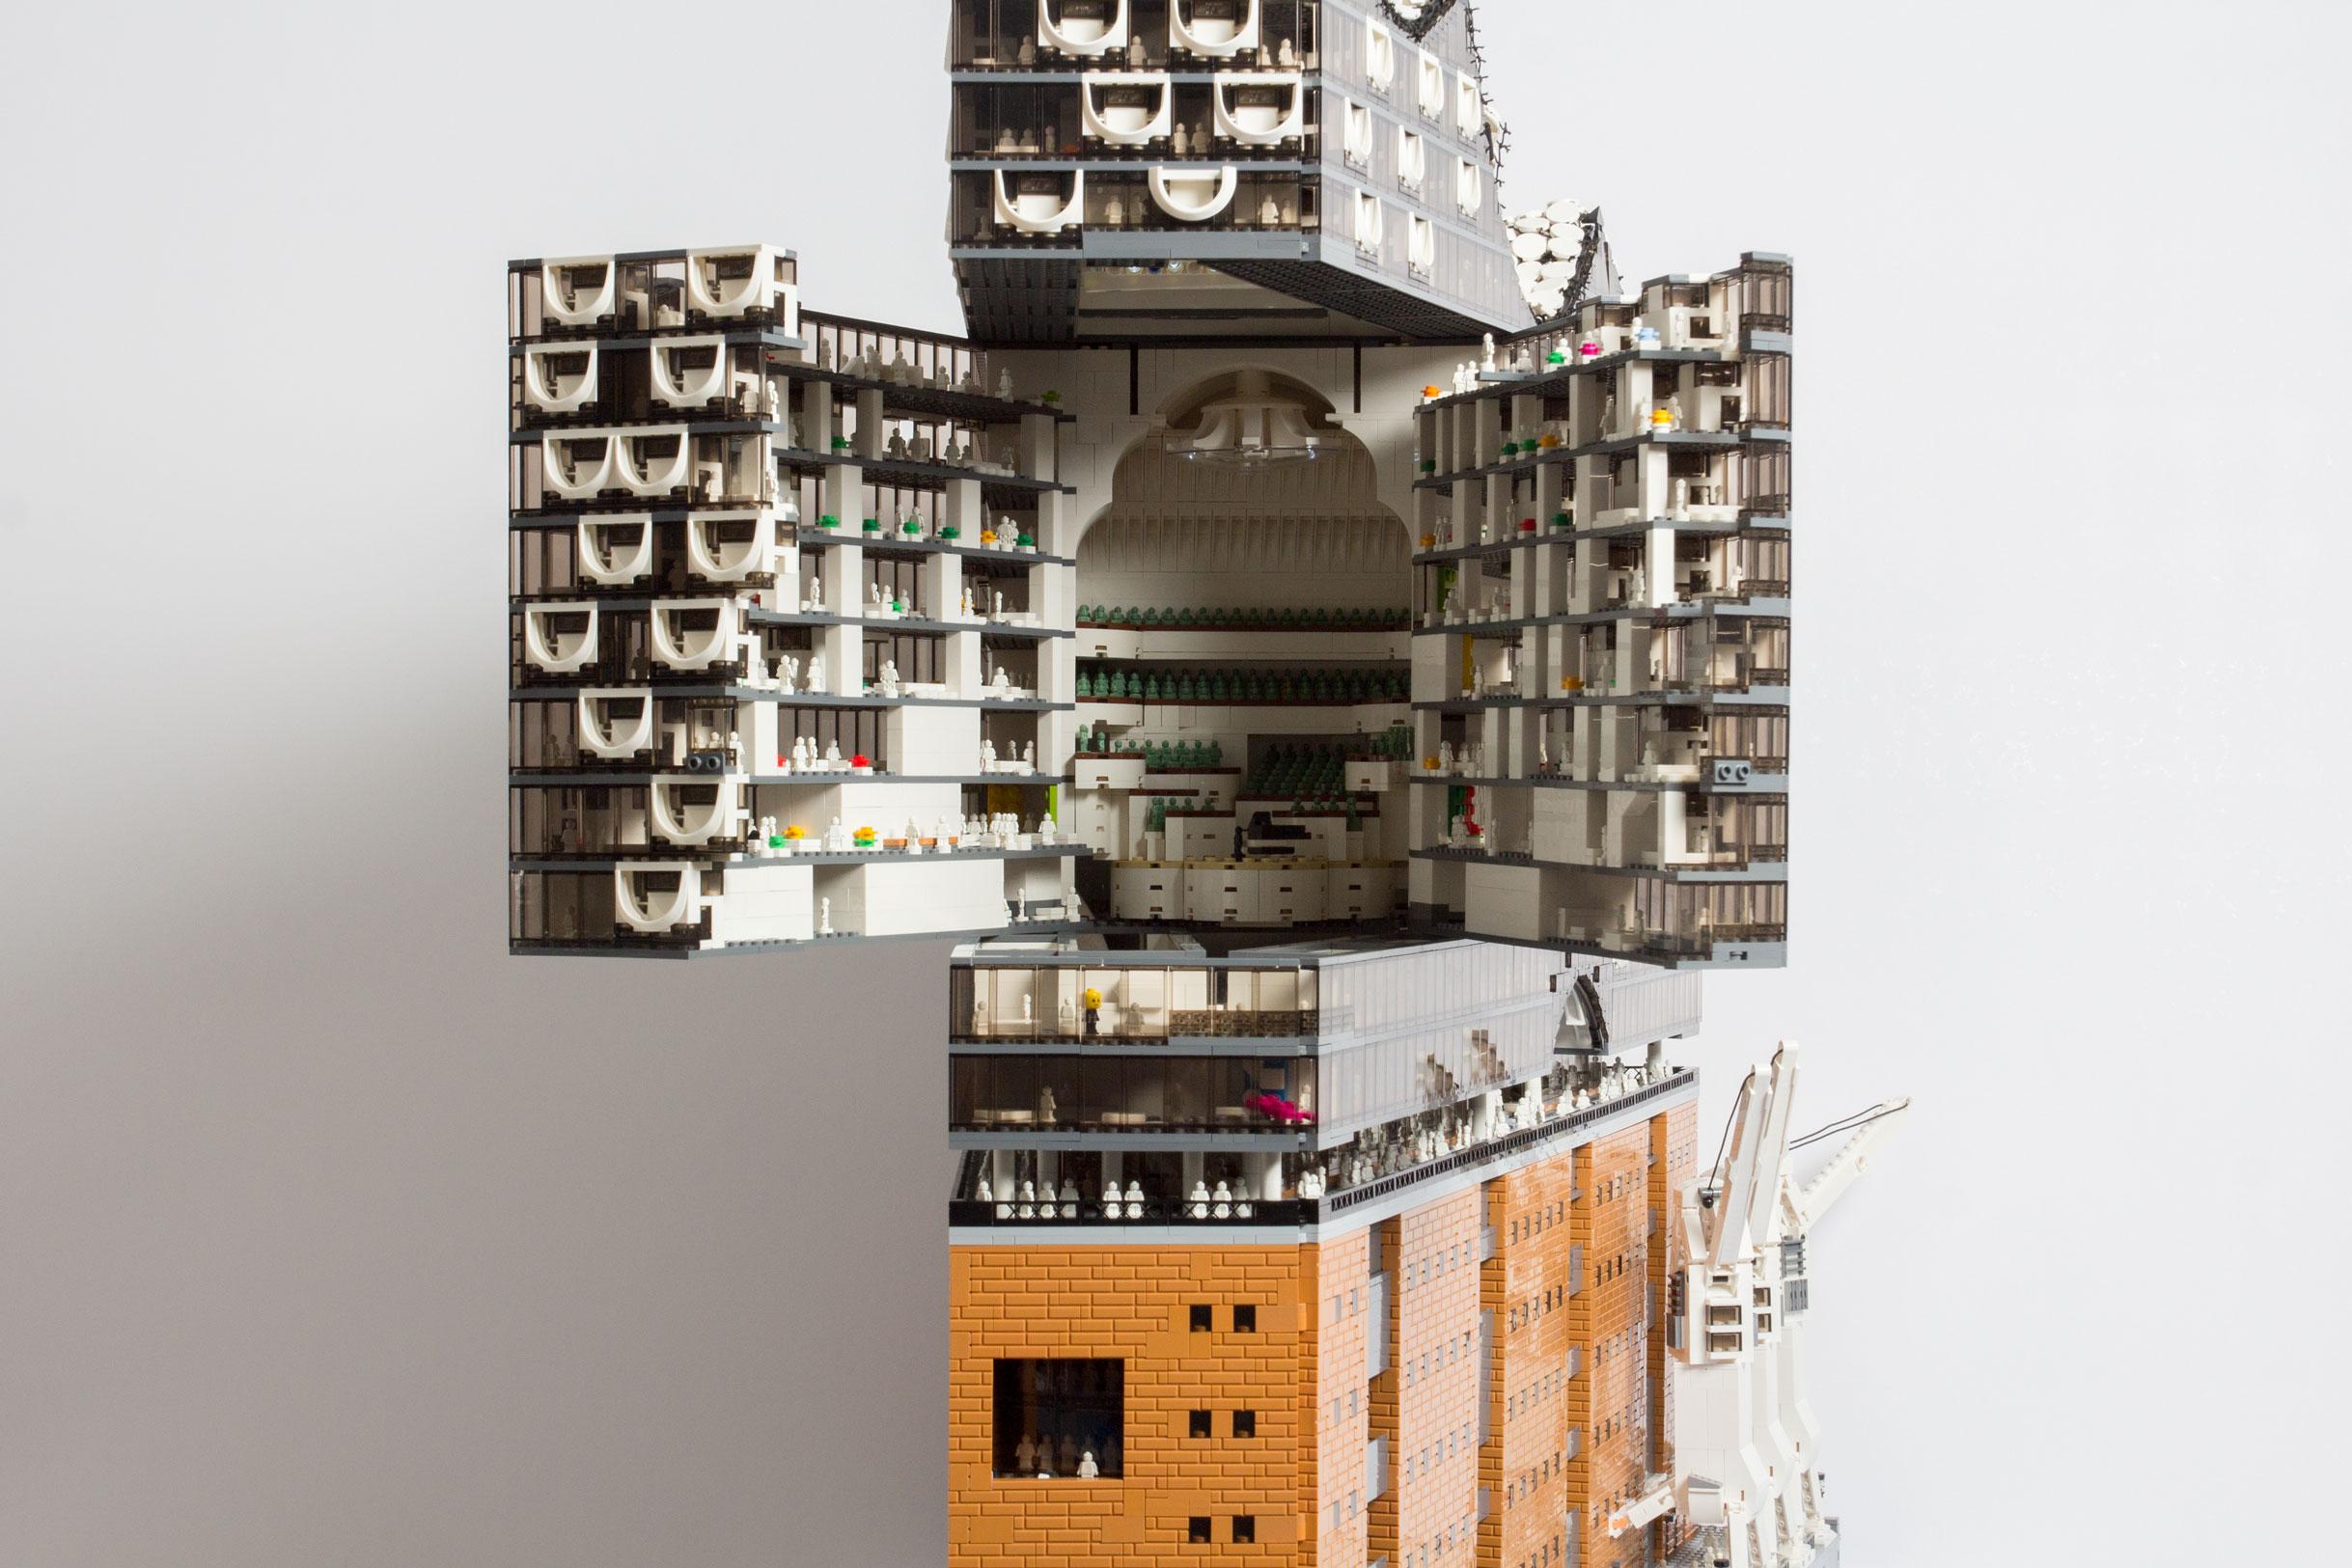 Hamburger Elbphilharmonie Als Lego Modell Zusammengebaut